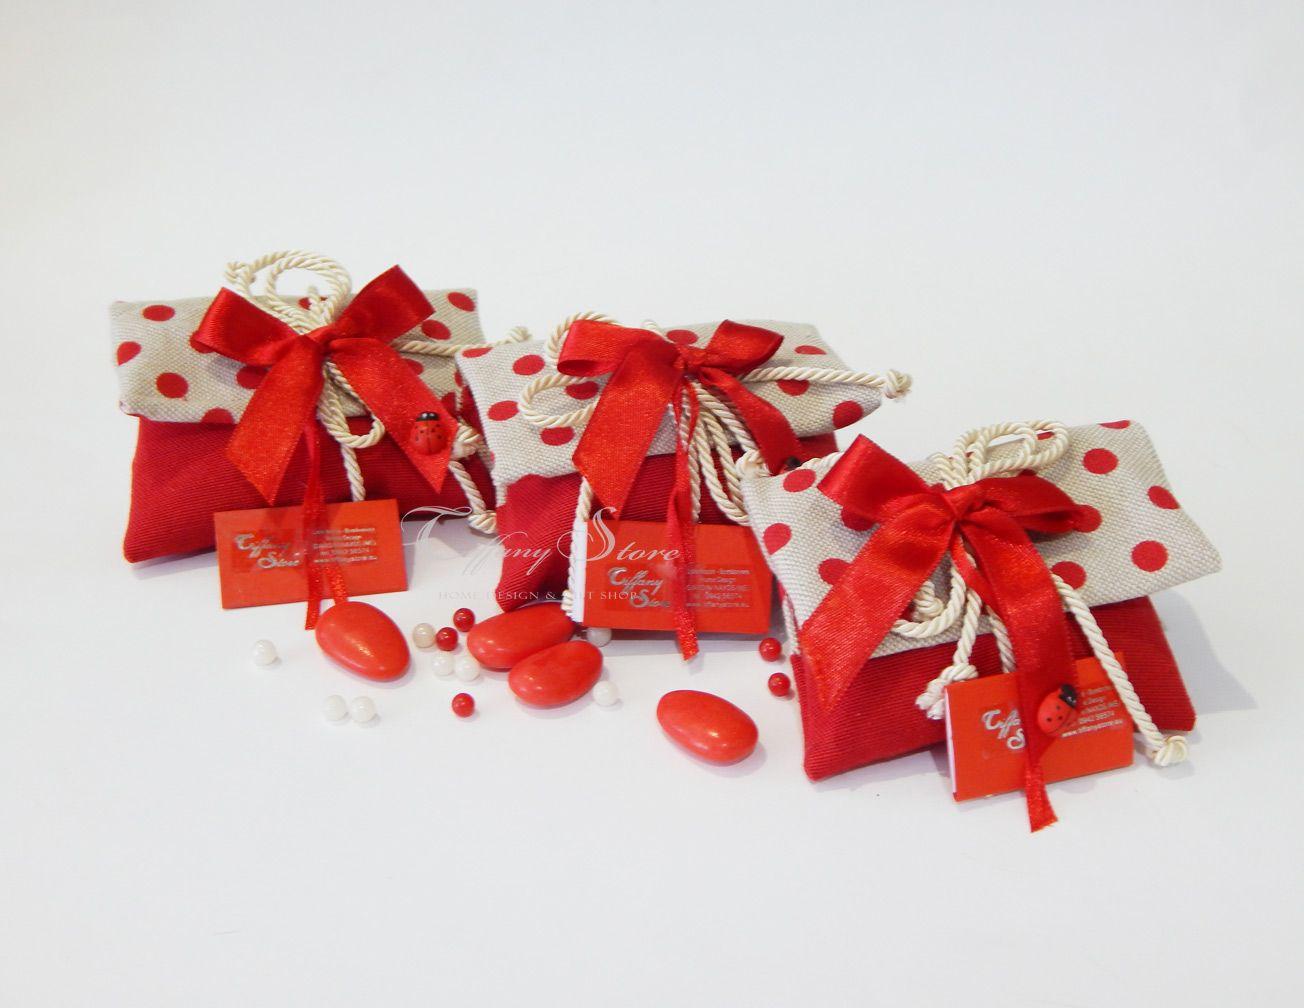 Souvent 28 best sacchetti per confetti images on Pinterest | Confetti  ZM02